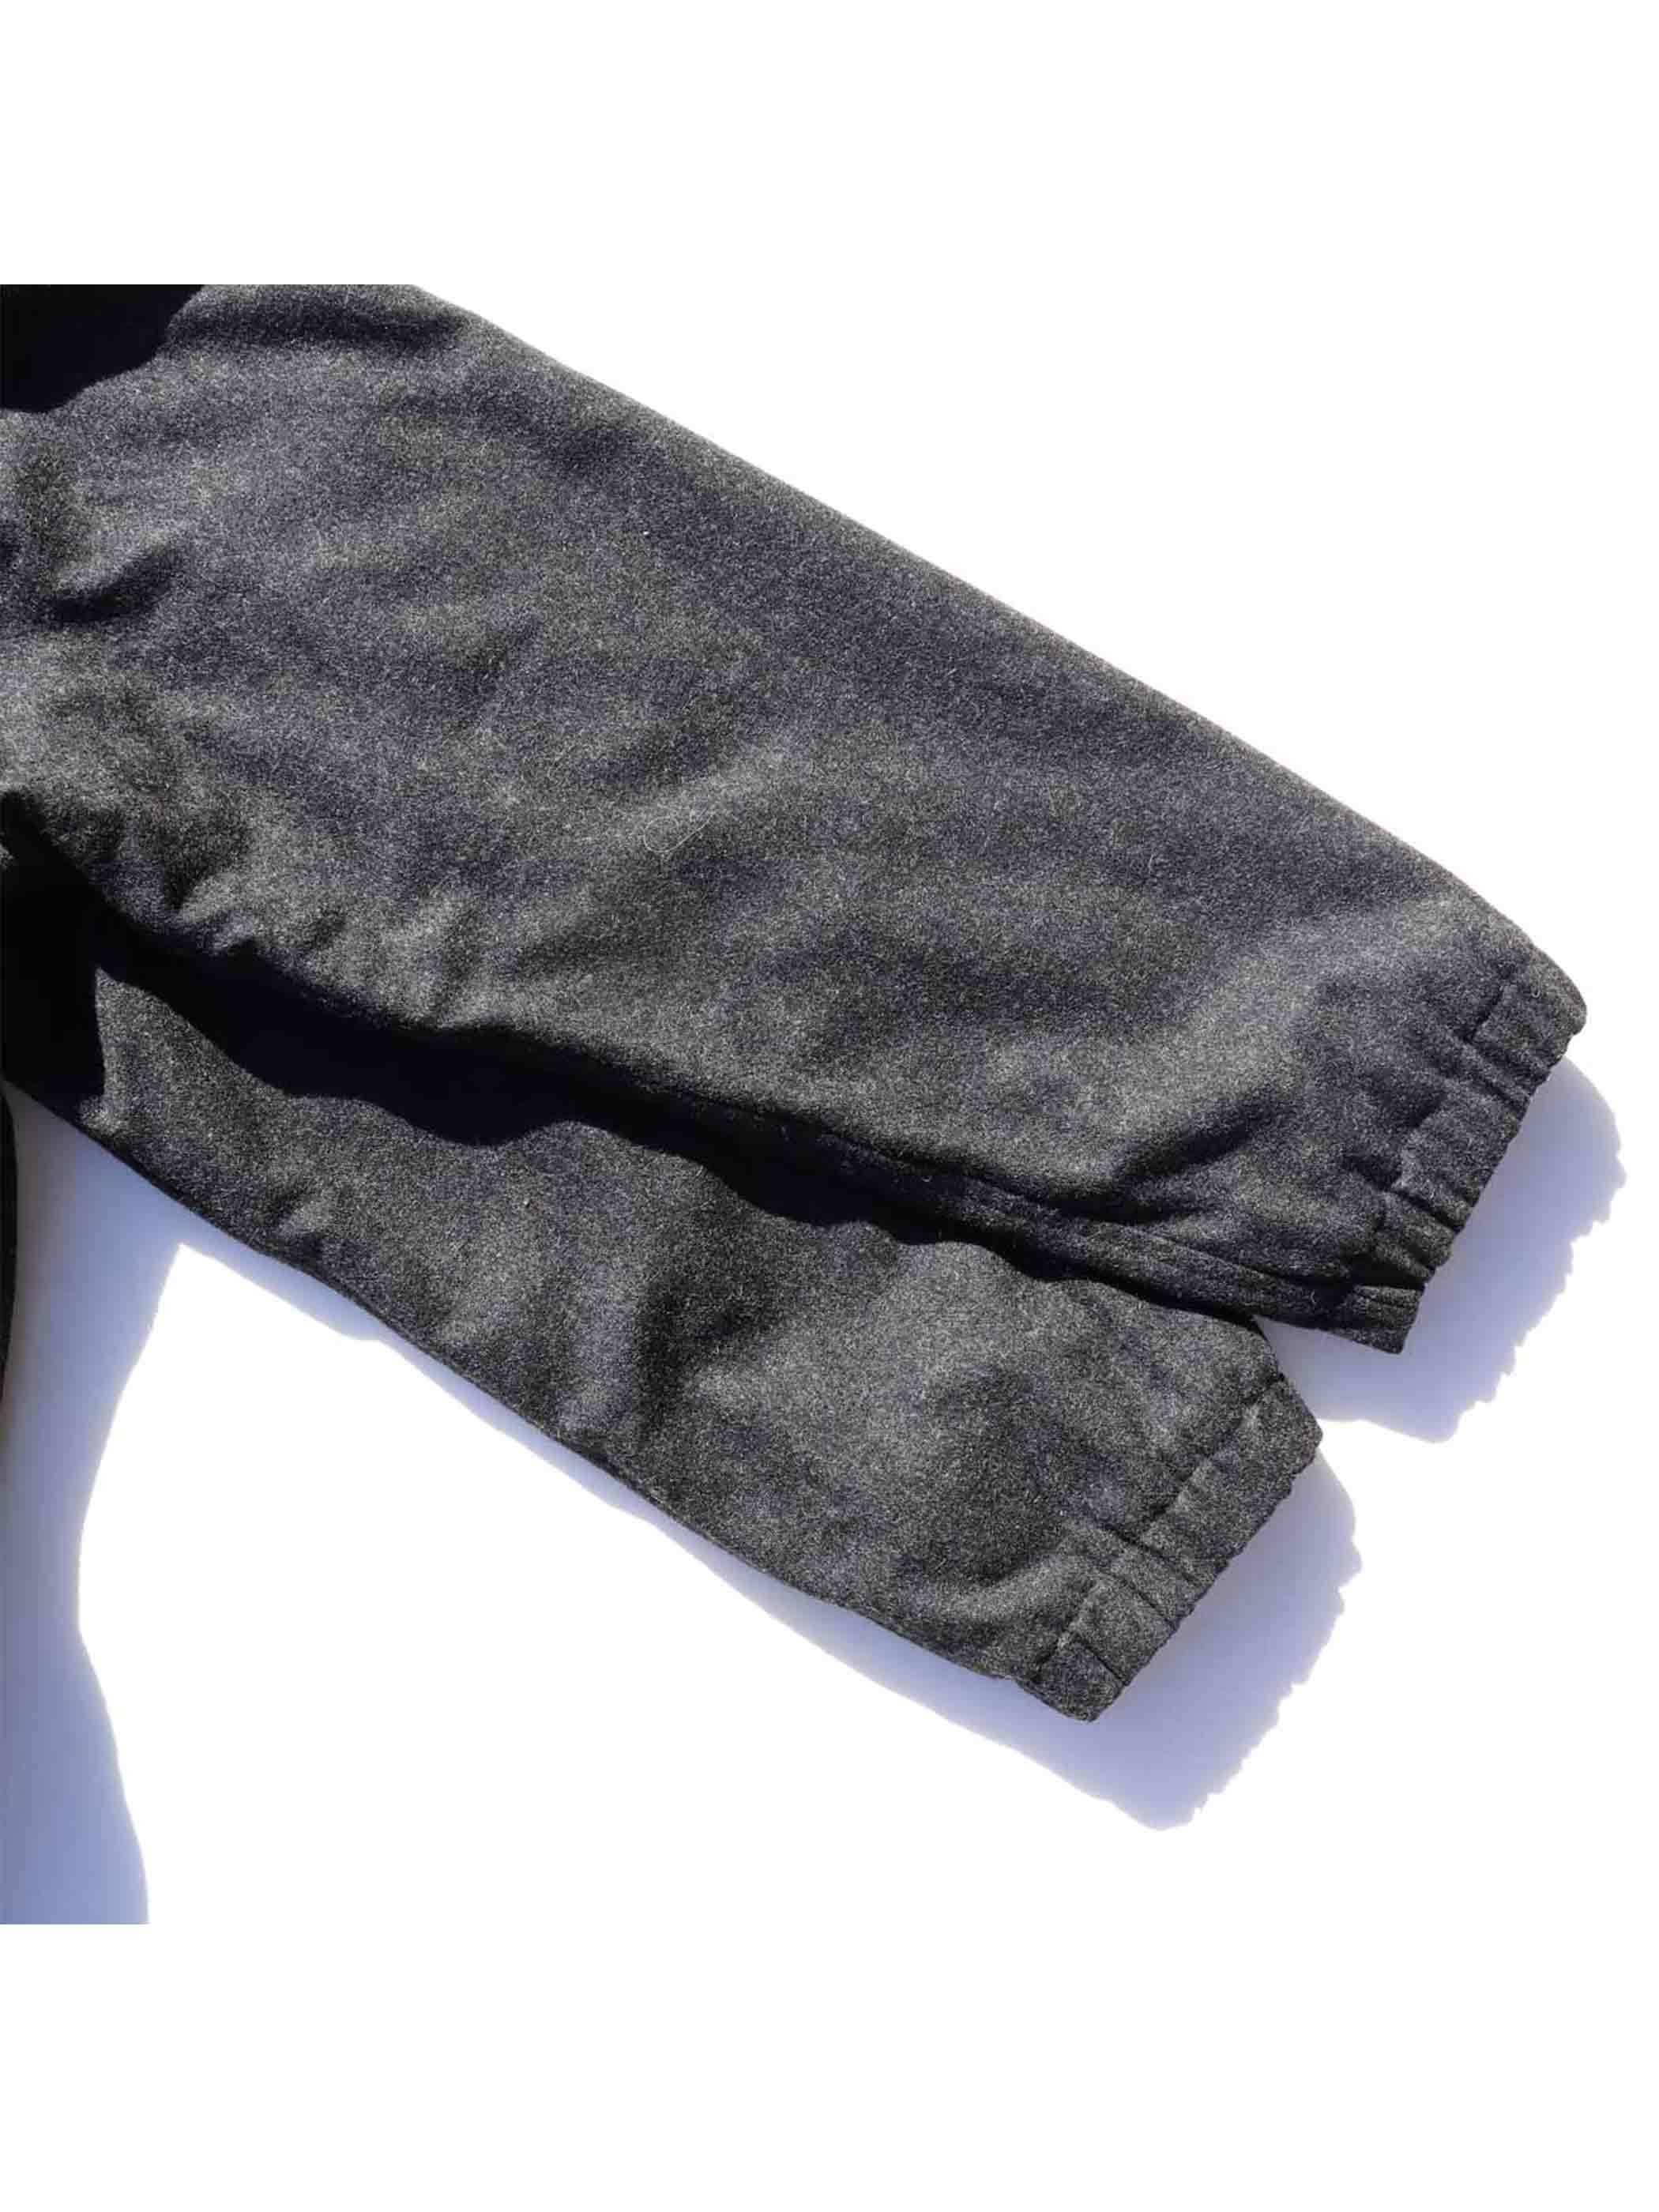 90's DKNY ウールレーヨン フリースライナー セーリングジャケット [S]